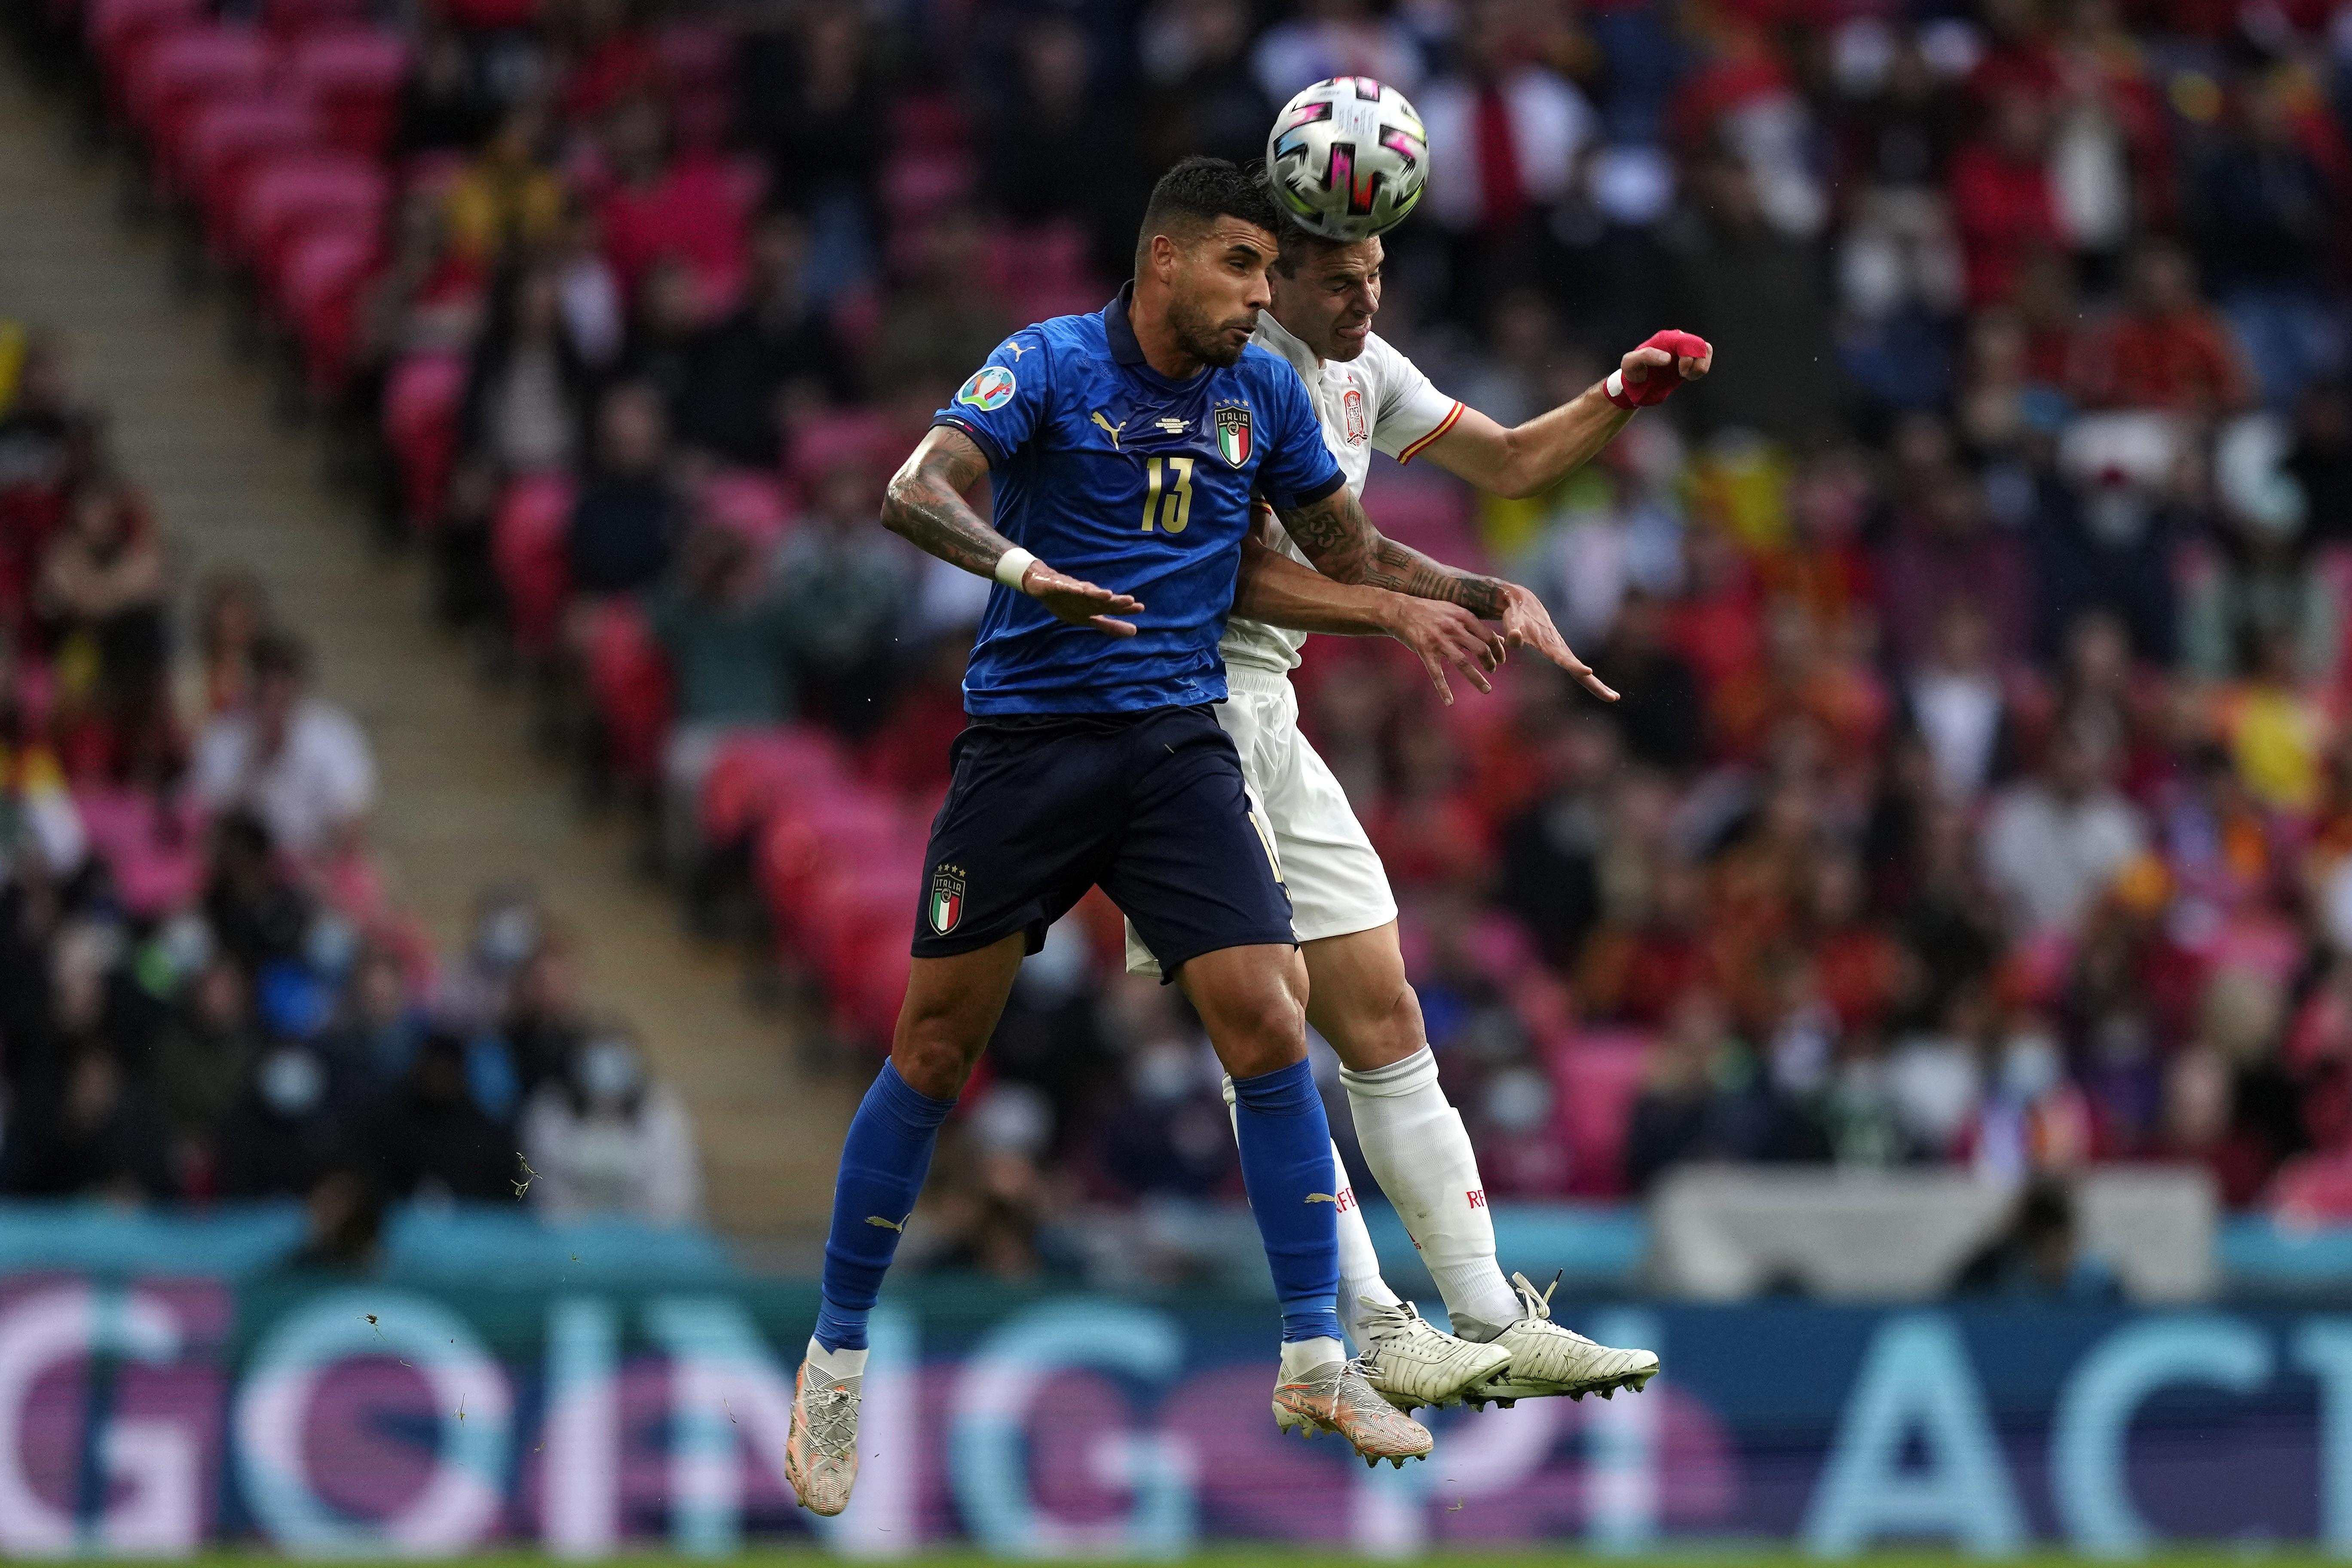 Italia-Spagna 5-3 ai rigori, i migliori scatti della semifinale di Wembley.<br /><br />